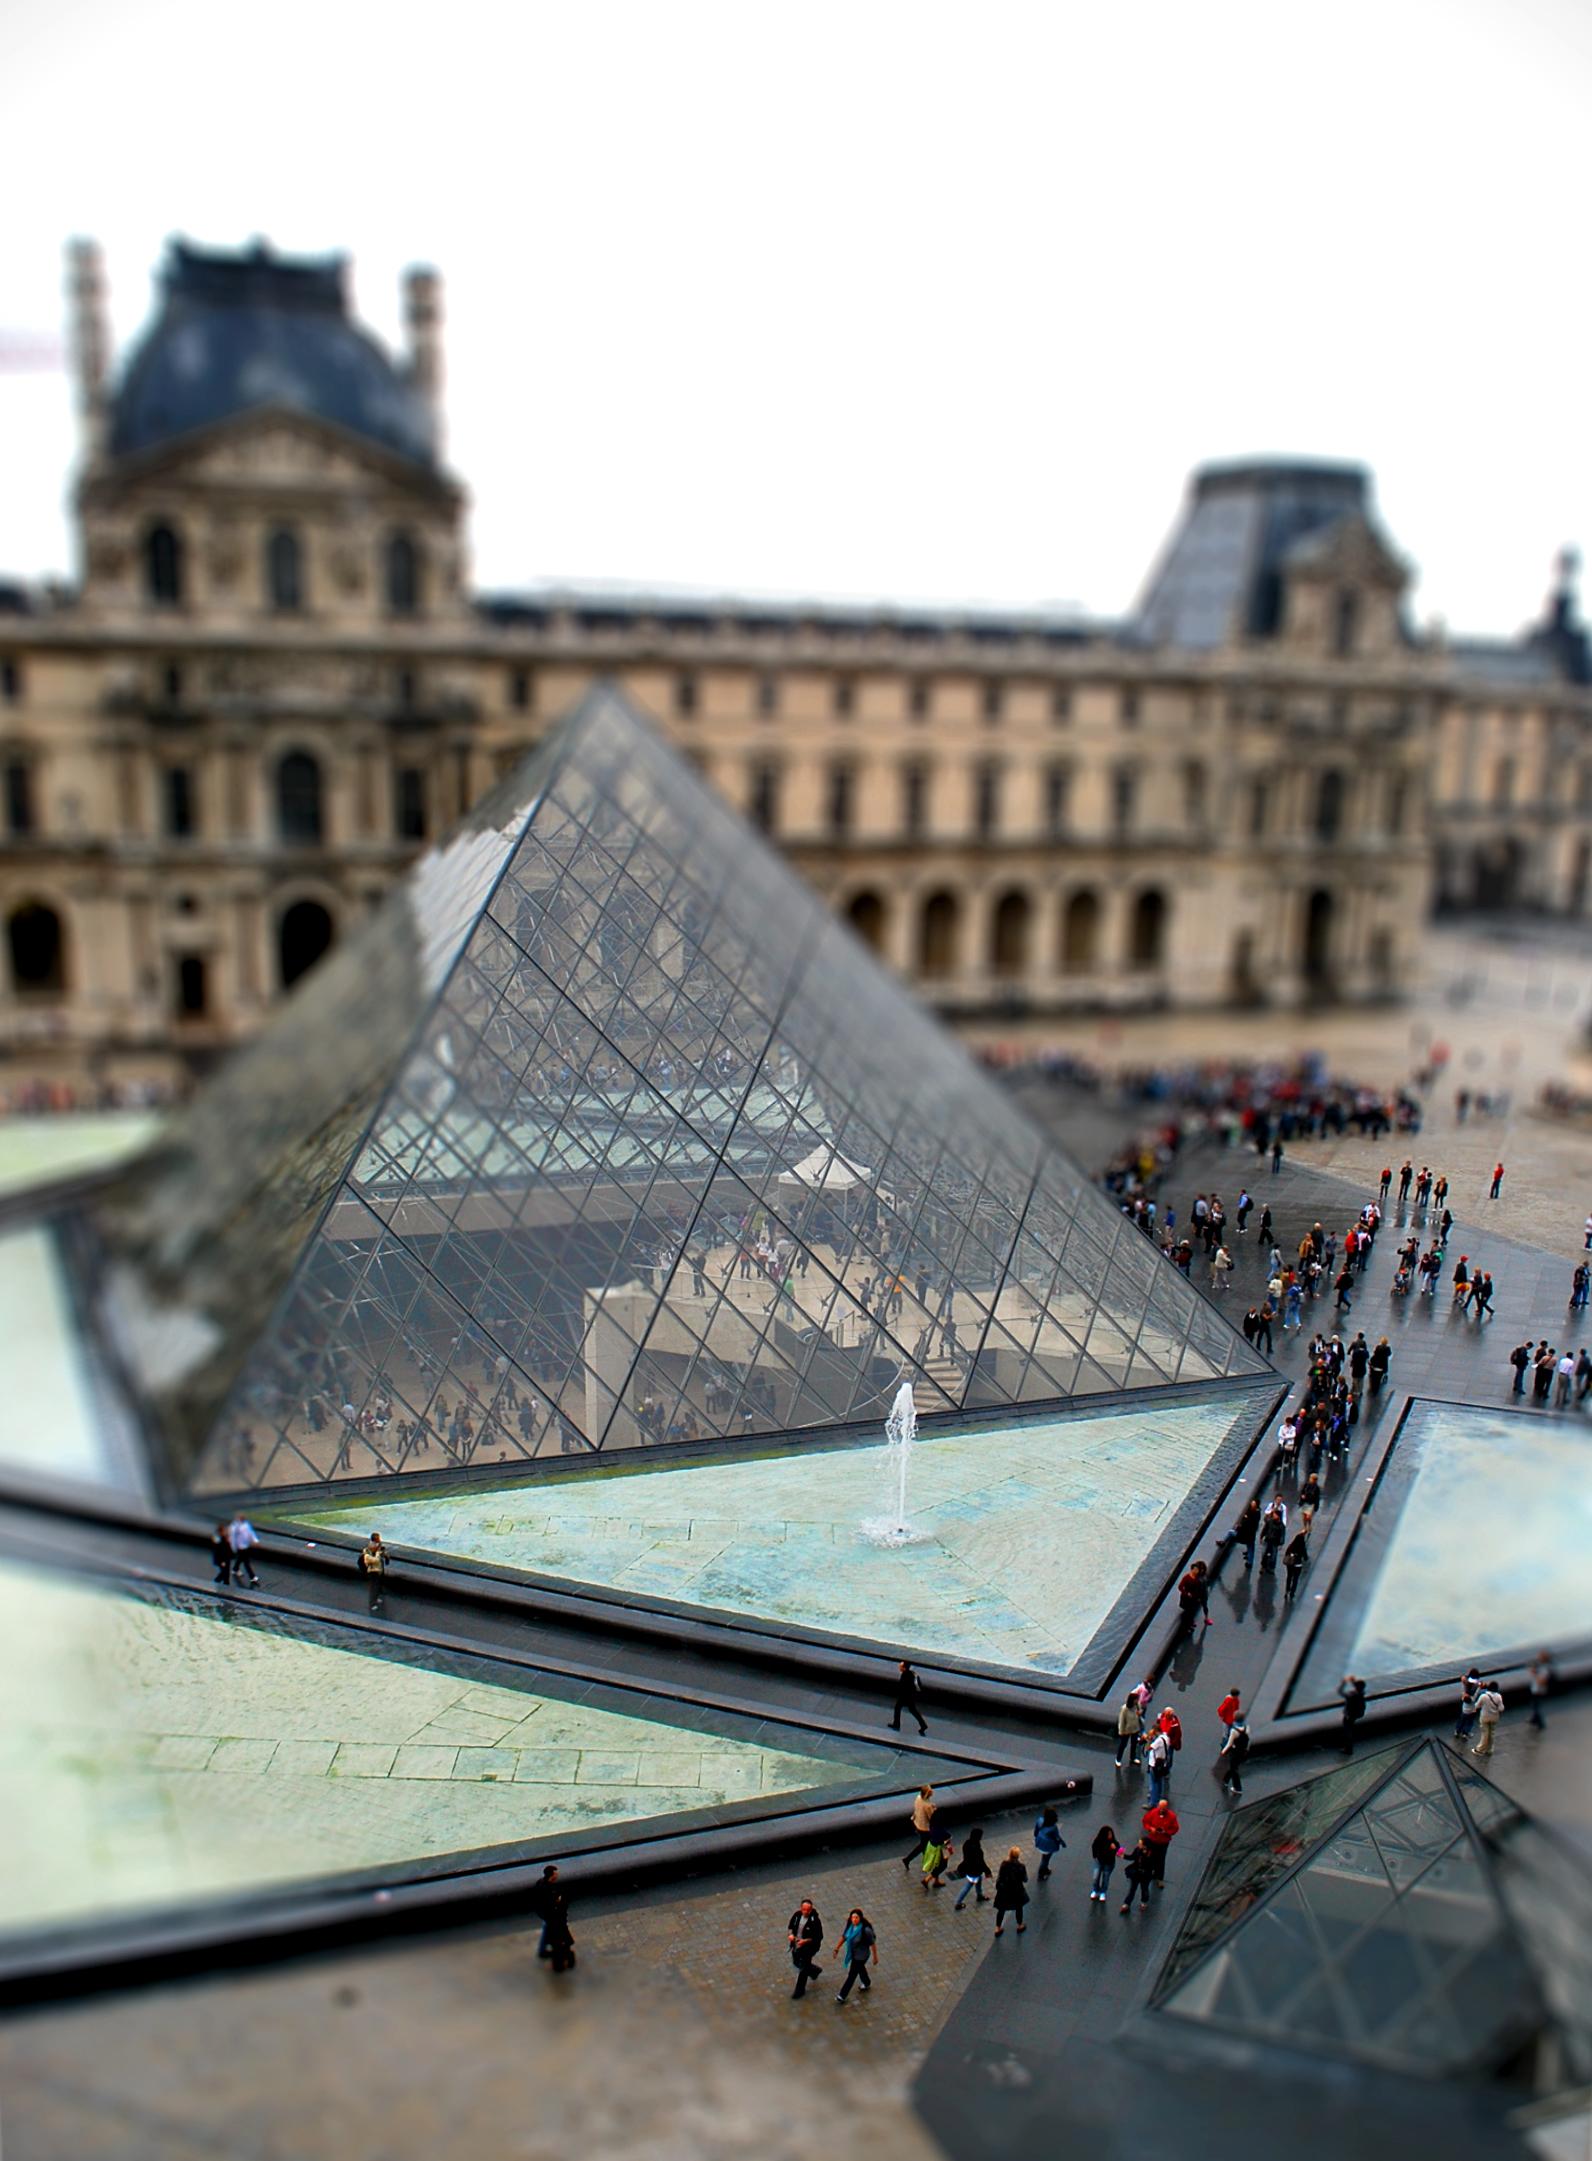 France - Matt Rothenberg - Louvre Museum, Tilt Shift - 2011